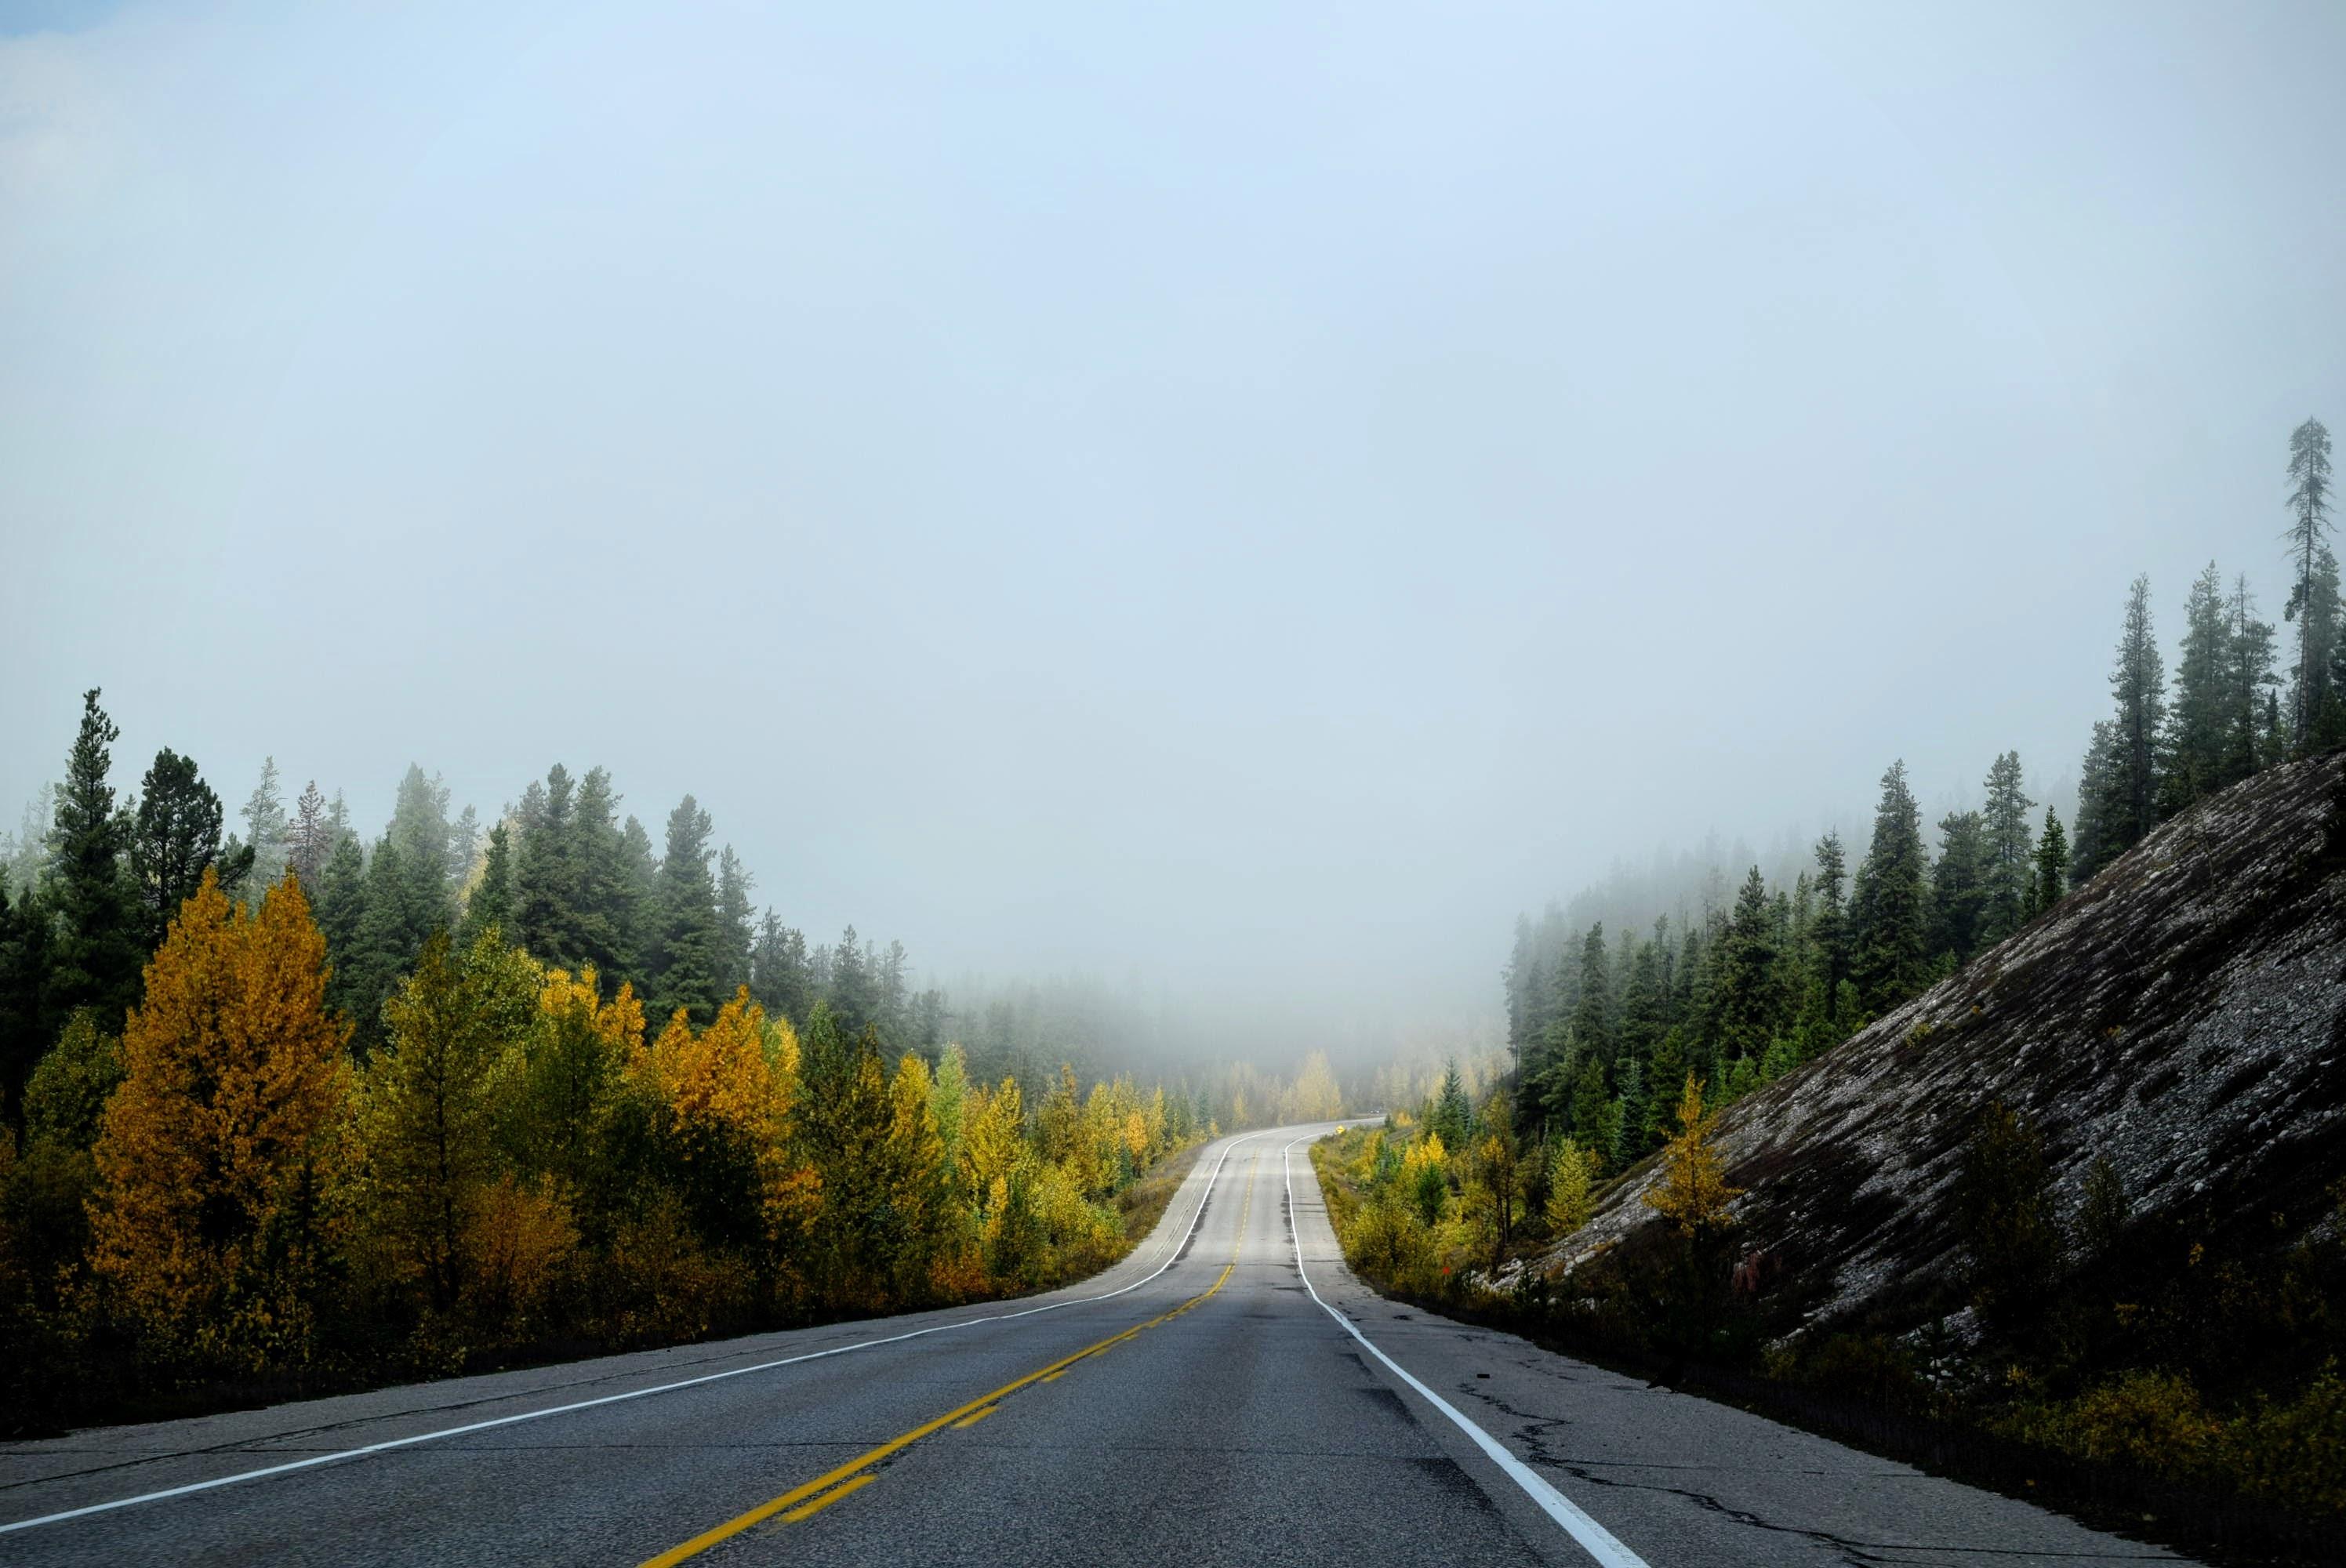 best Desert Road Photos images on Pinterest Deserts